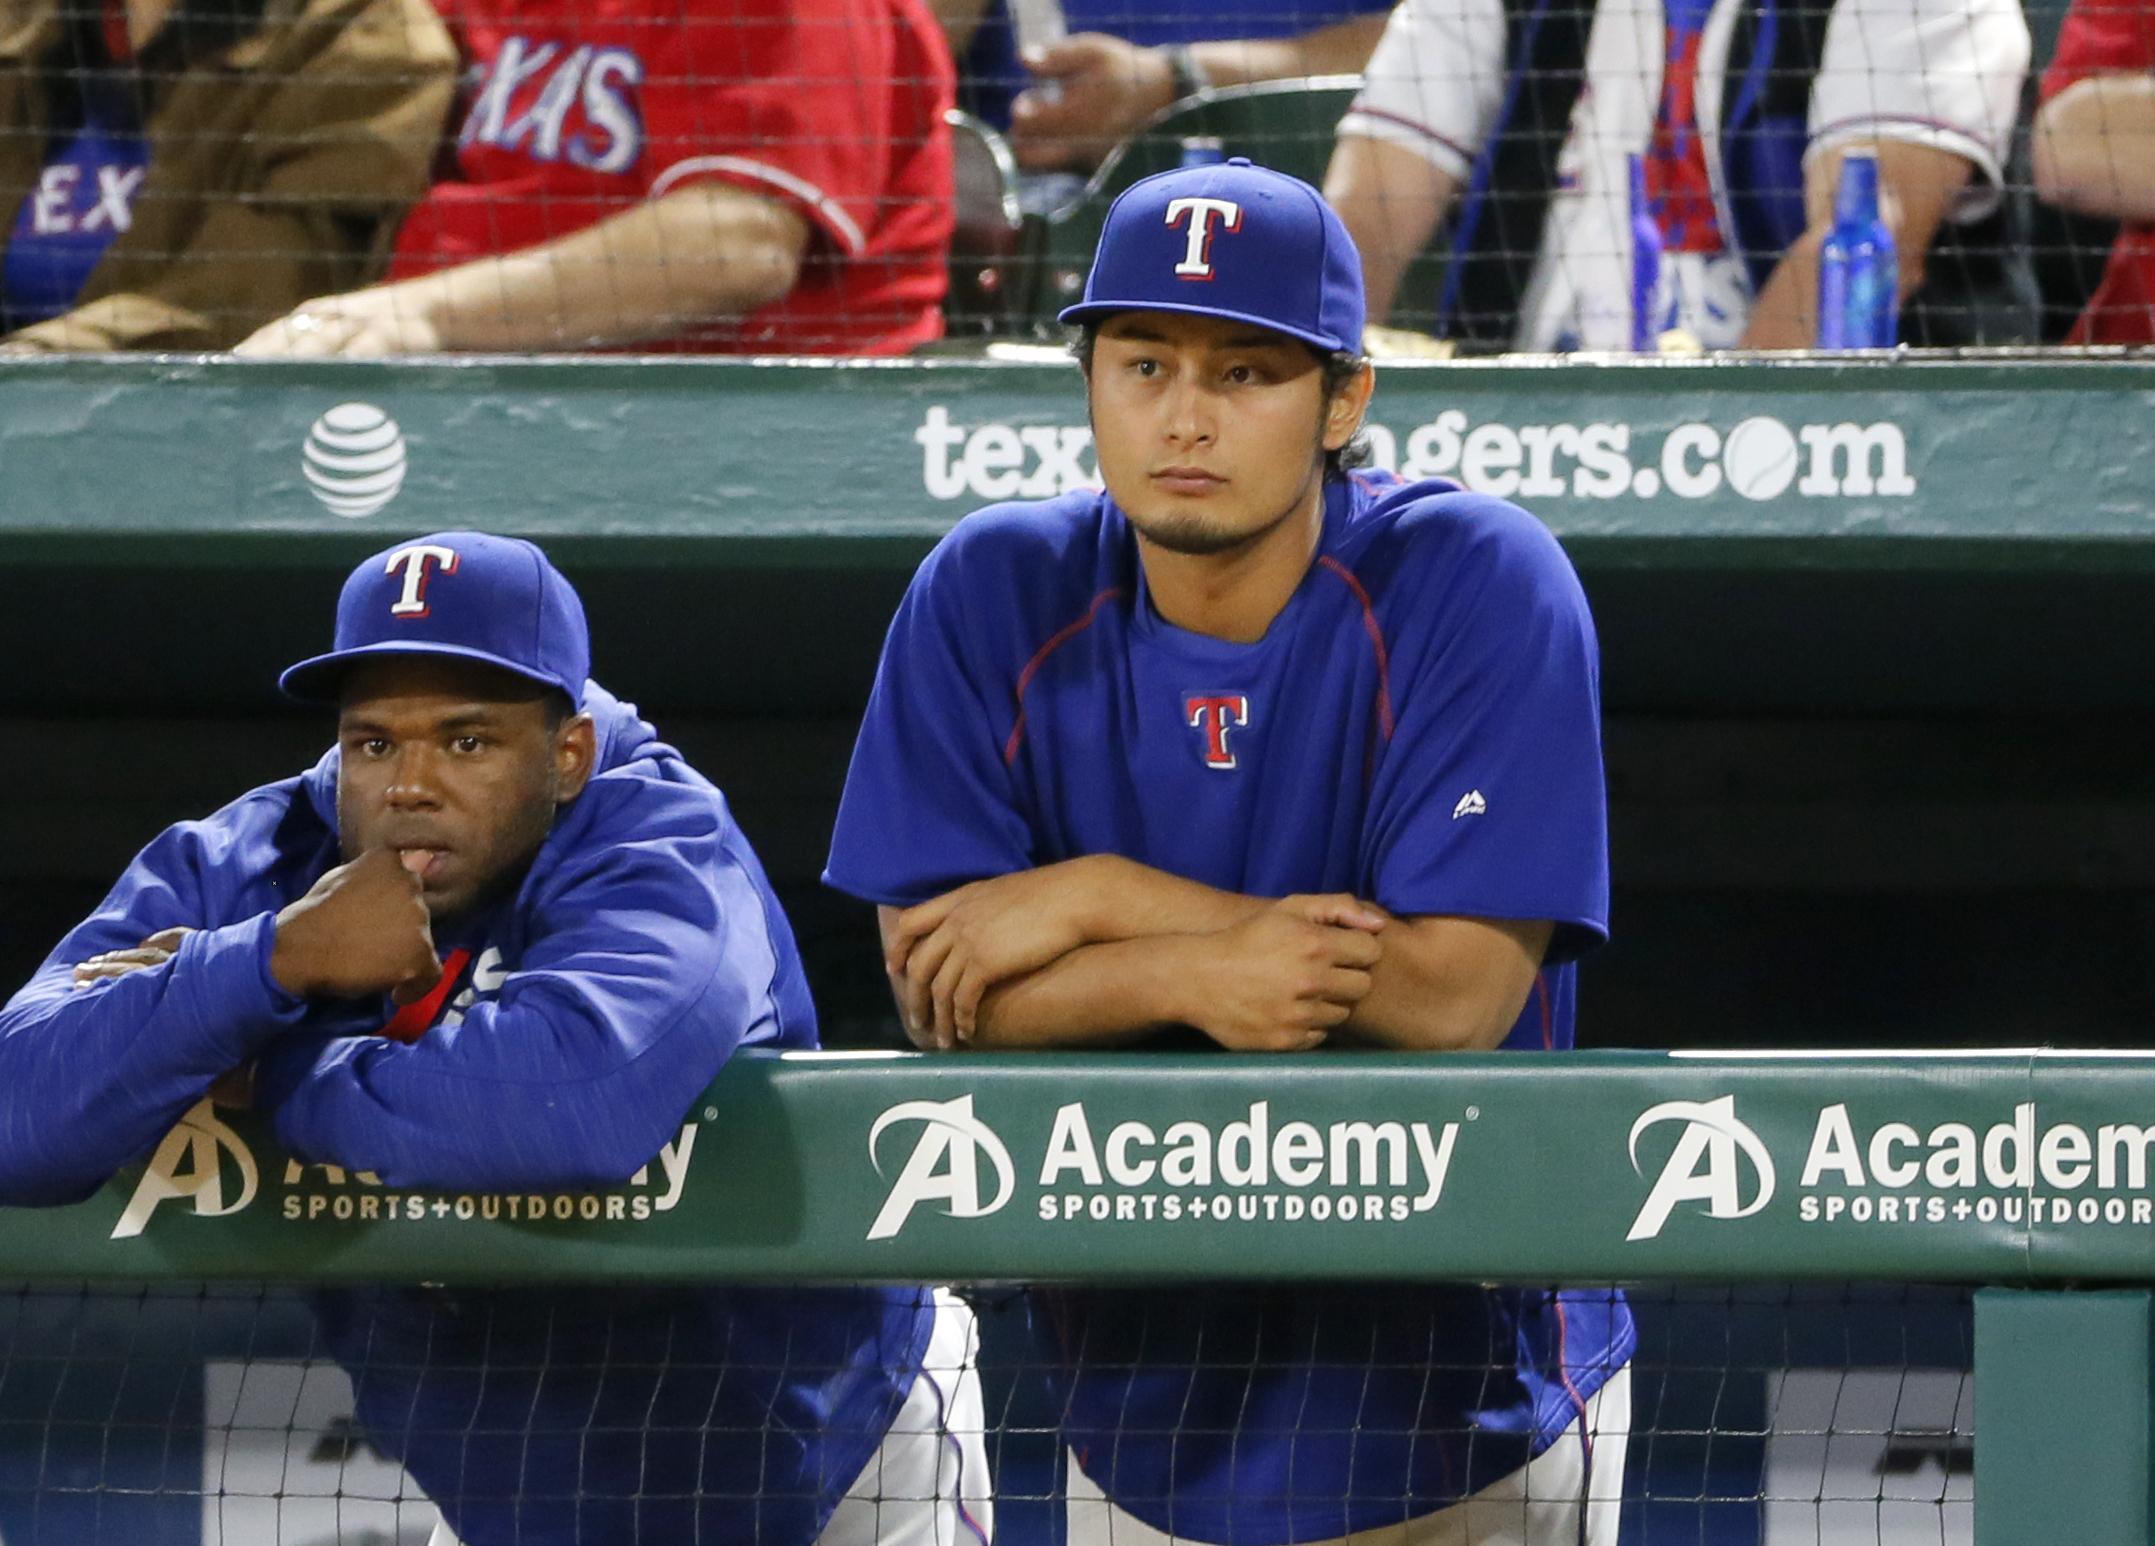 Orioles_rangers_baseball